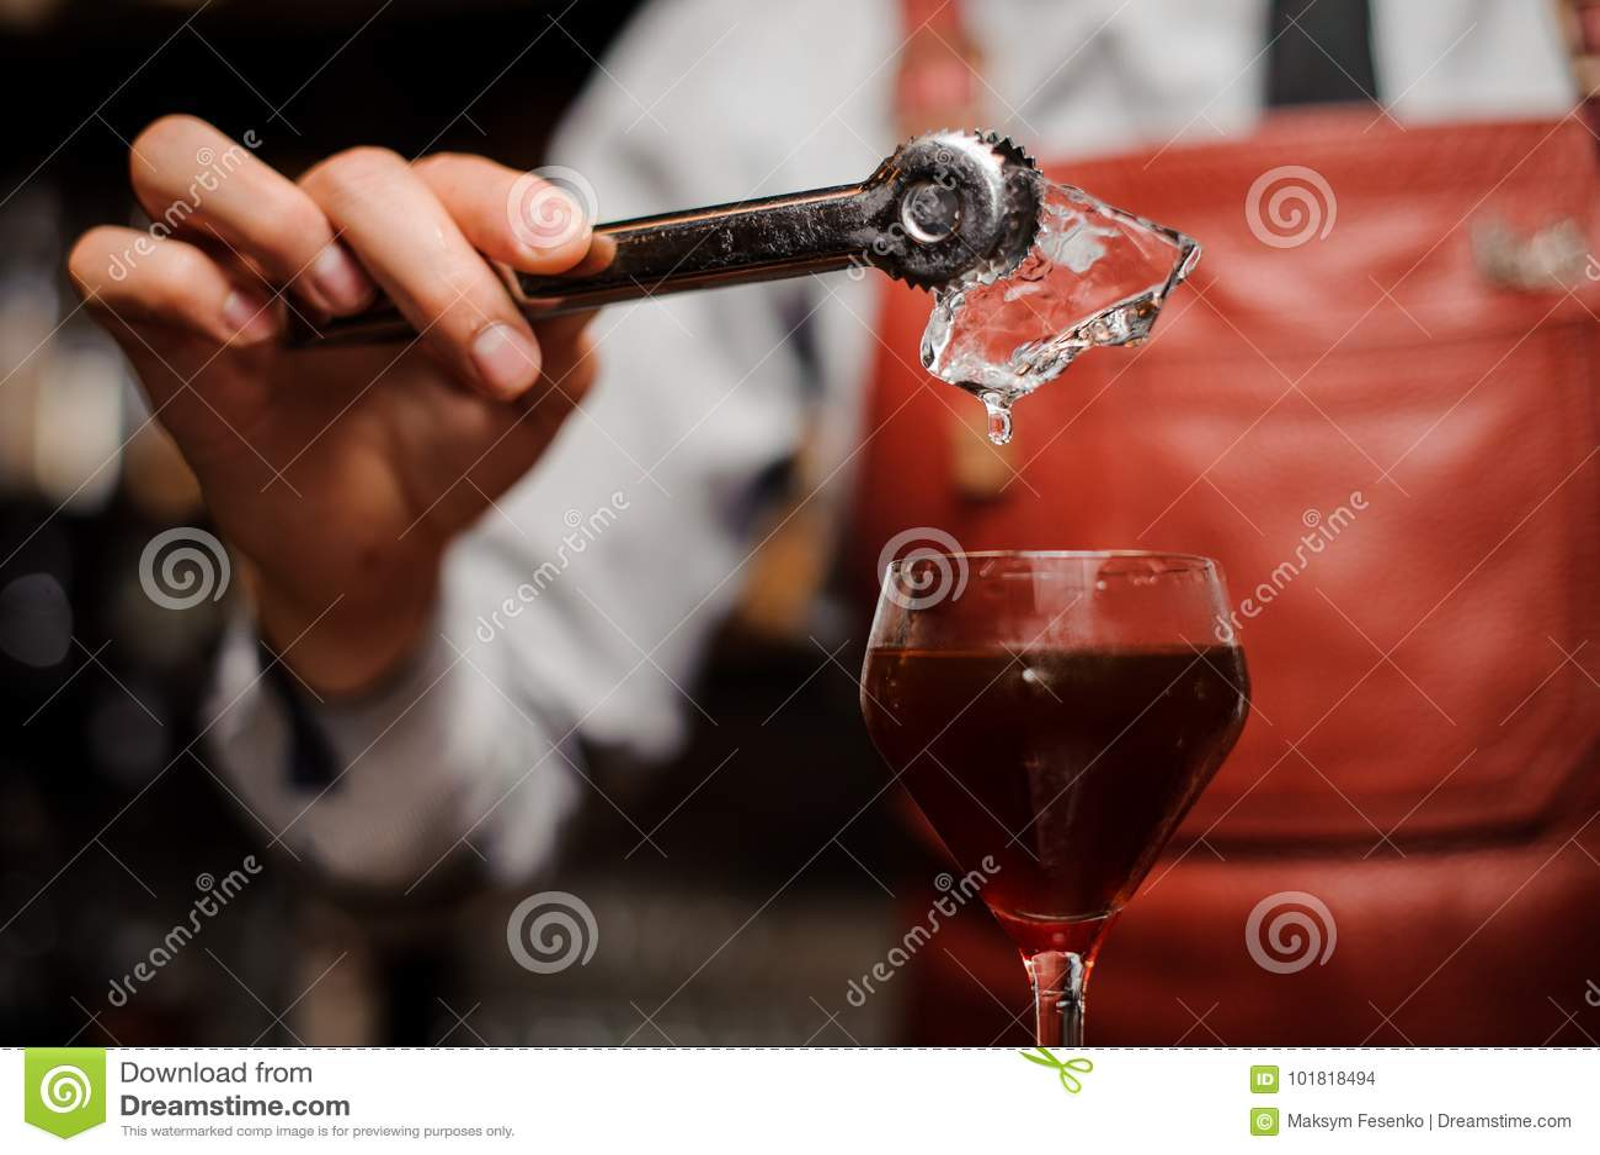 El camarero está poniendo un hielo en el coctail